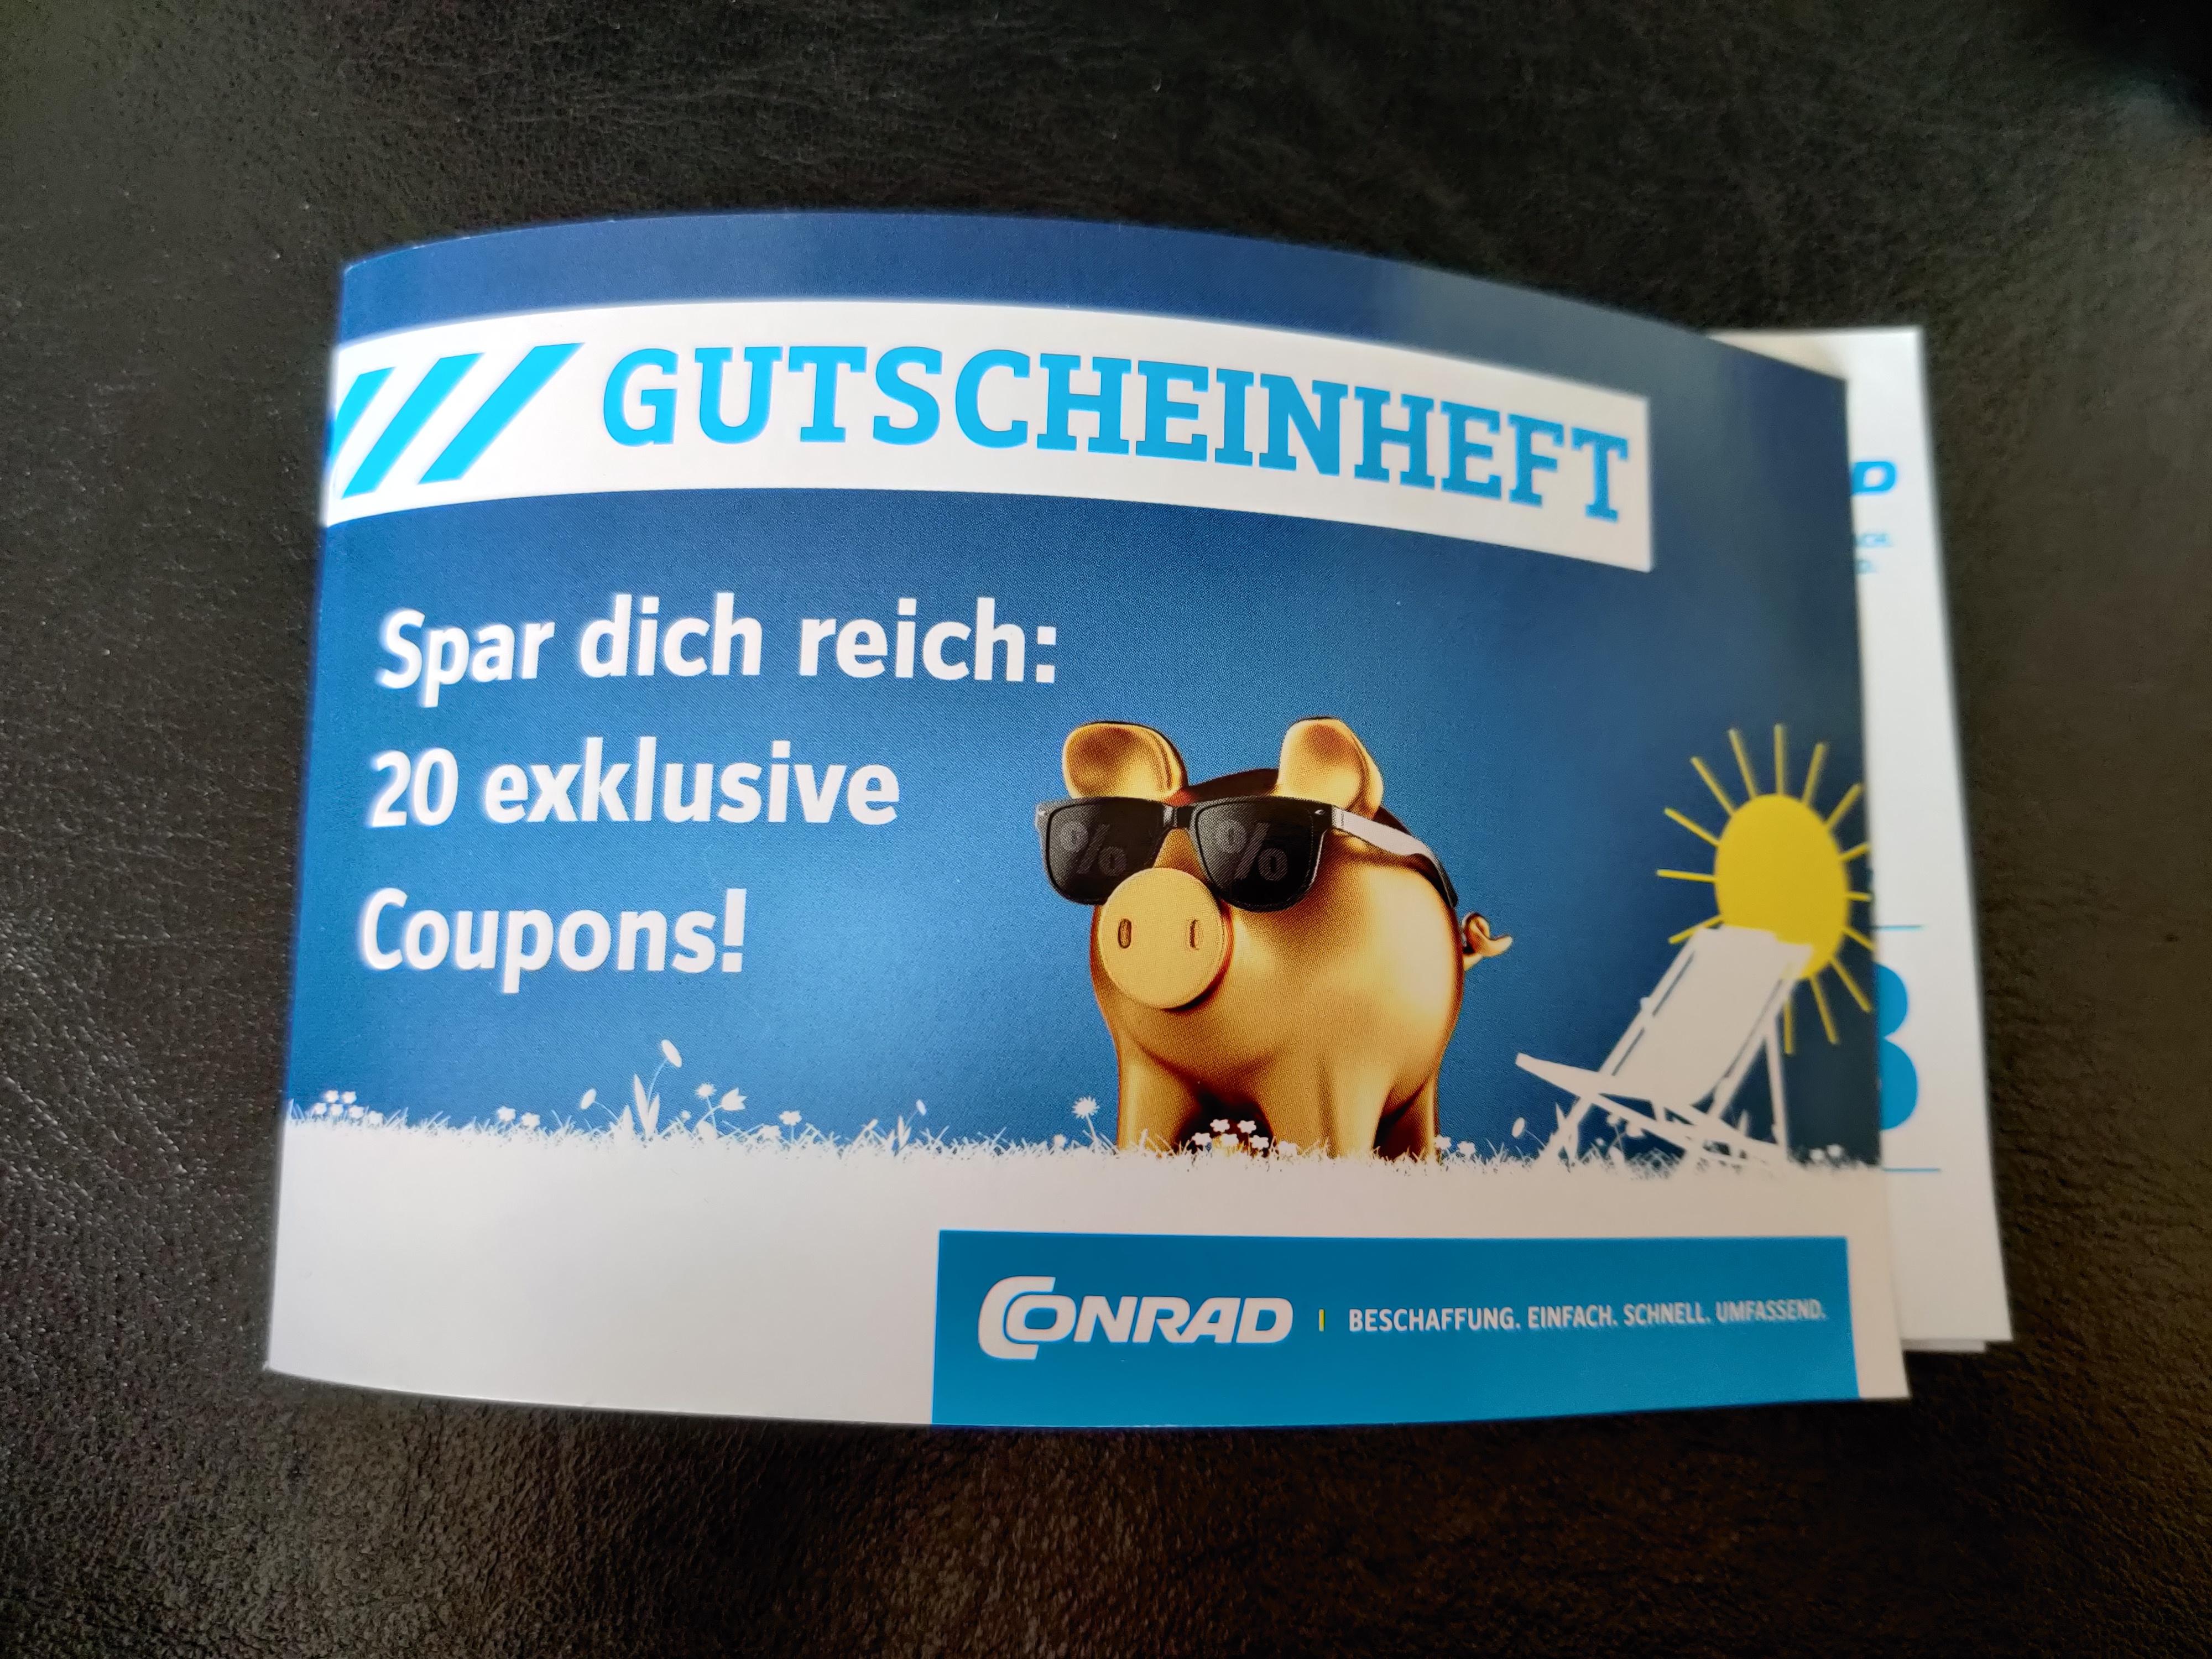 Conrad Gutscheinheft mit 20 Coupons z.B. 50€ Guthaben für 40€ am 10.06.20